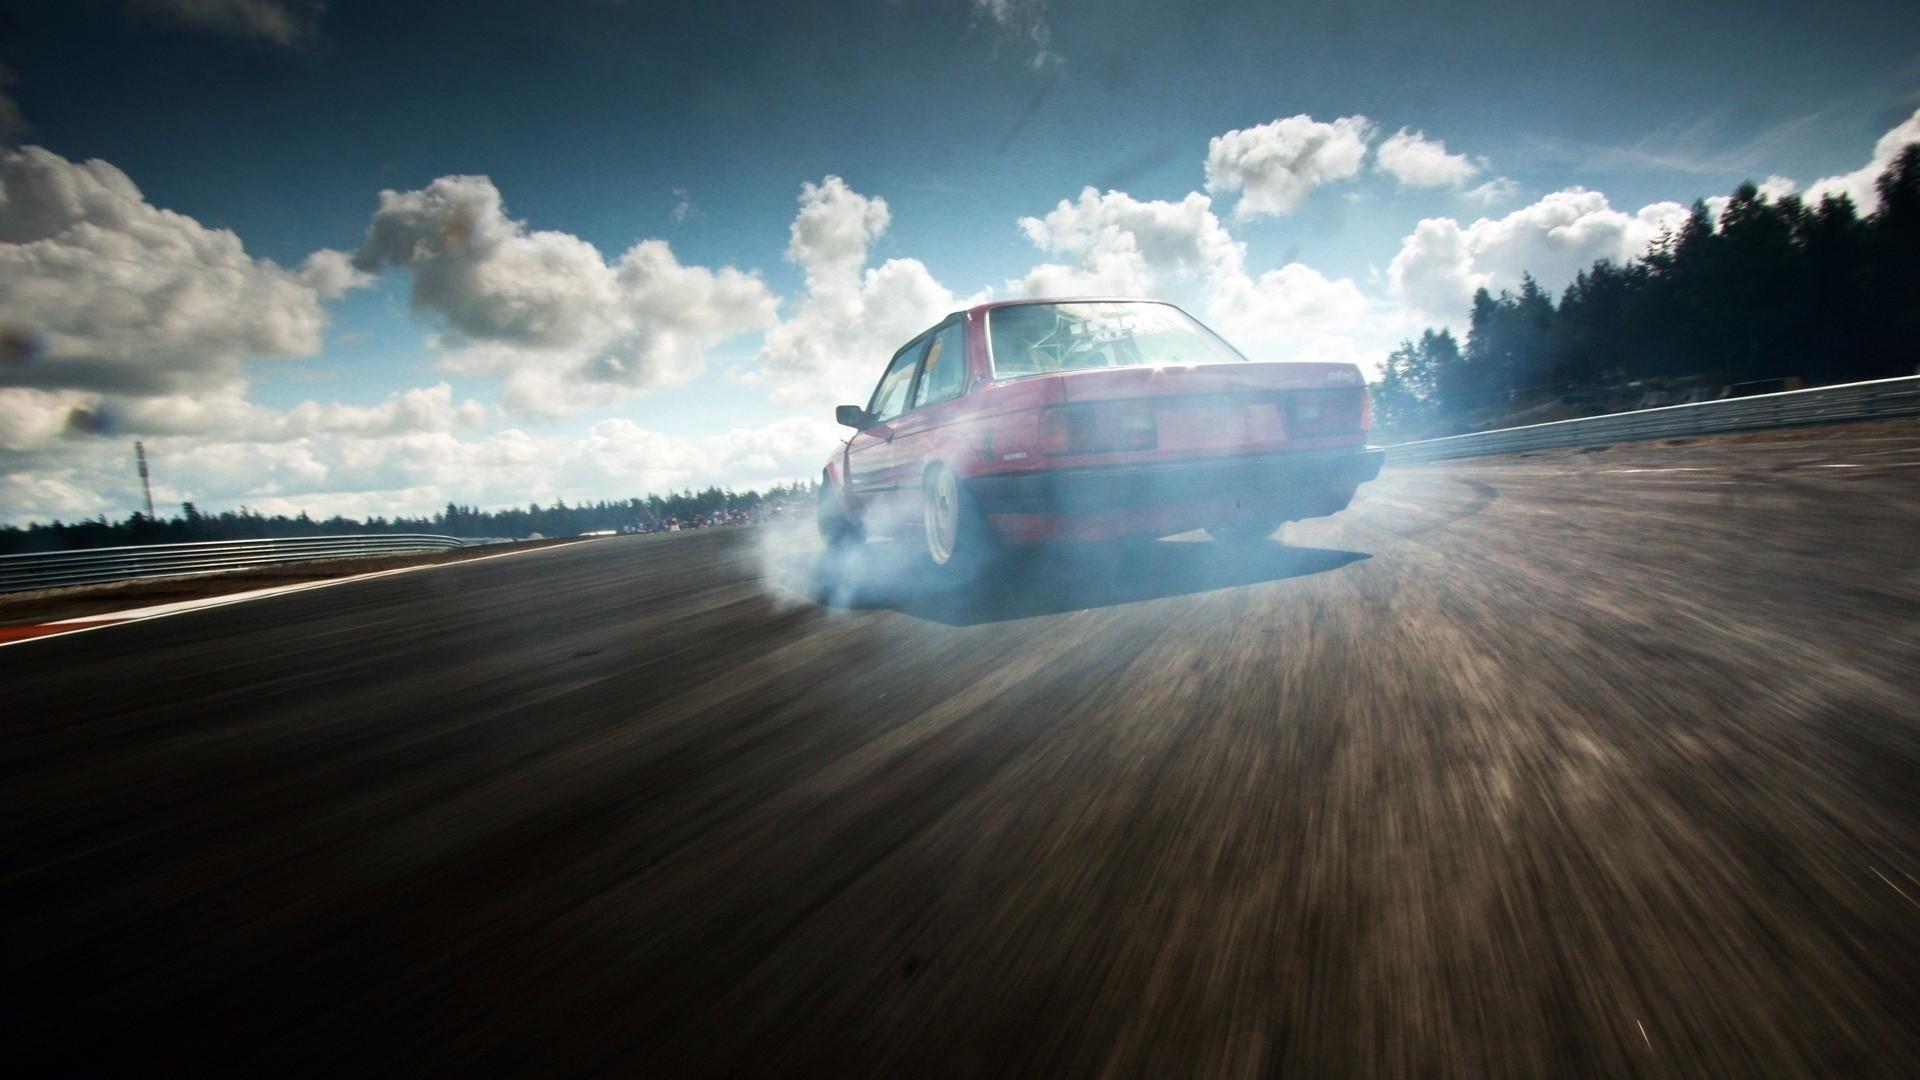 World Best Car Hd Wallpaper 1080p Bmw E30 Drift Hd Cars 4k Wallpapers Images Backgrounds